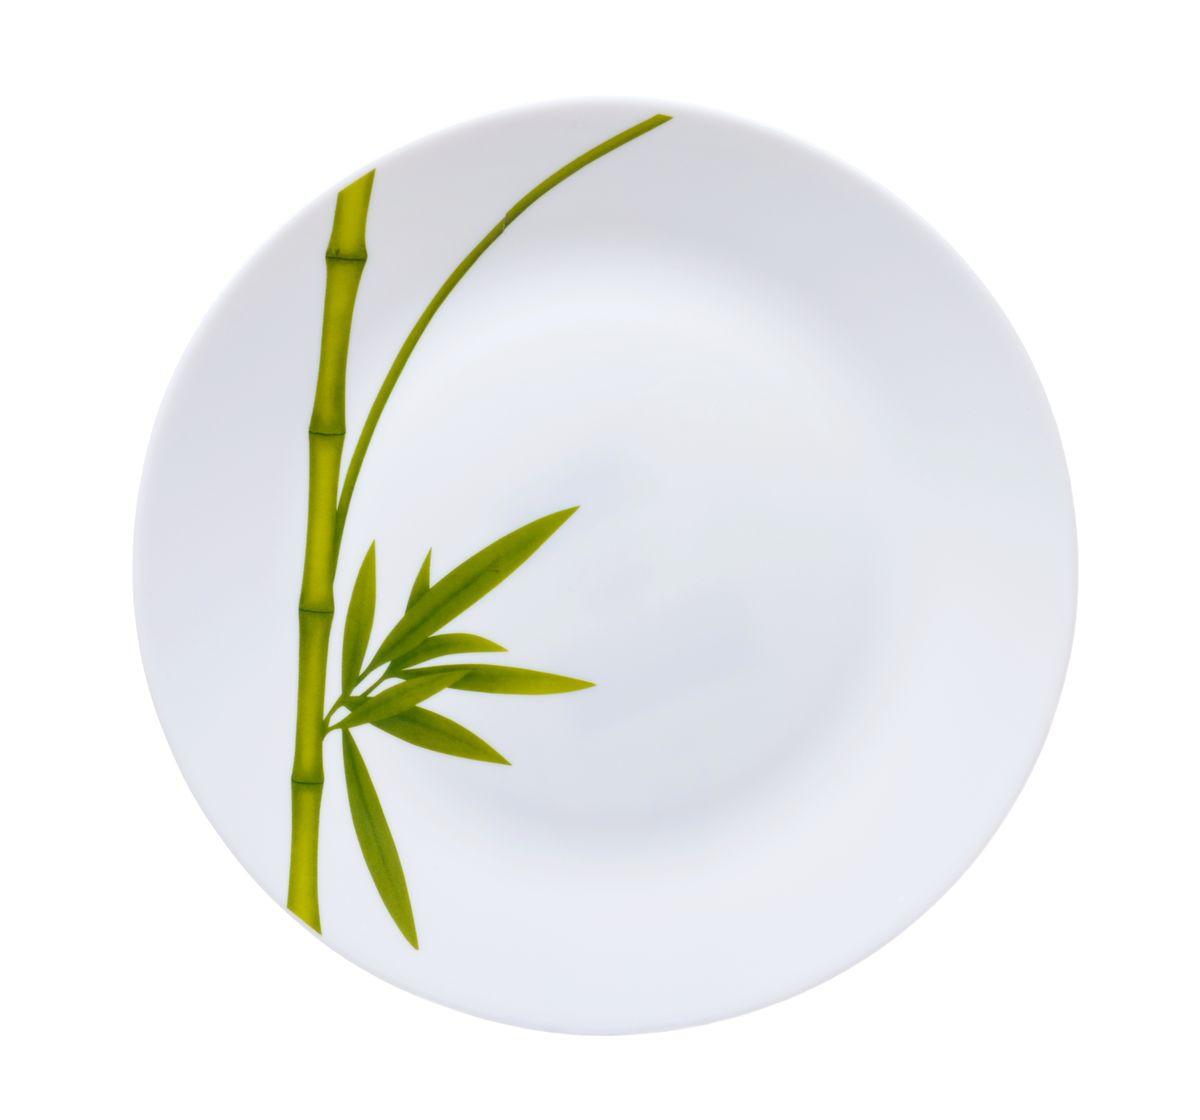 Тарелка для горячего La Opala Бамбук, диаметр 26,5 смOPFG001Тарелка для горячего La Opala Бамбук изготовлена из высококачественной стеклокерамики. Предназначена для красивой подачи различных блюд. Изделие декорировано ярким изображением стебля бамбука. Такая тарелка украсит сервировку стола и подчеркнет прекрасный вкус хозяйки. Можно мыть в посудомоечной машине и использовать в СВЧ. Диаметр: 26,5 см. Высота: 2 см.